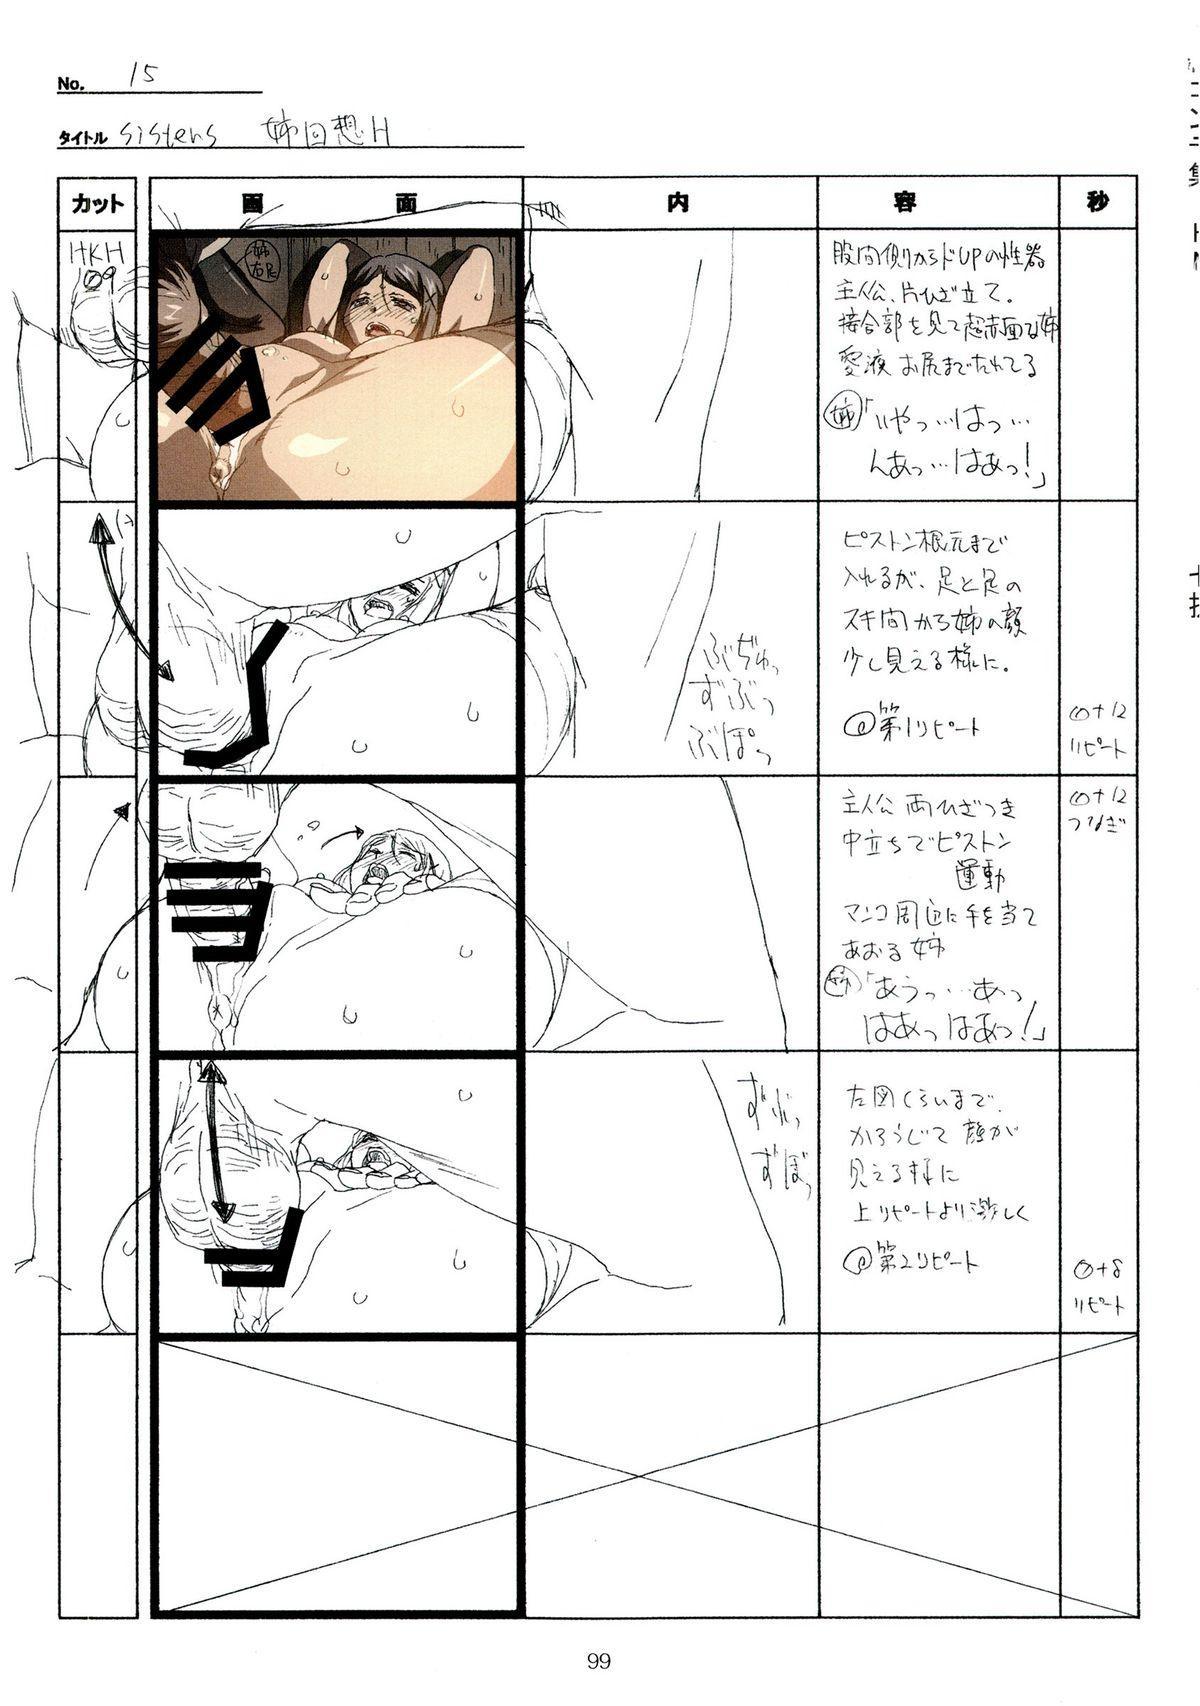 (C89) [Makino Jimusho (Taki Minashika)] SISTERS -Natsu no Saigo no Hi- H Scene All Part Storyboard (SISTERS -Natsu no Saigo no Hi-) 98